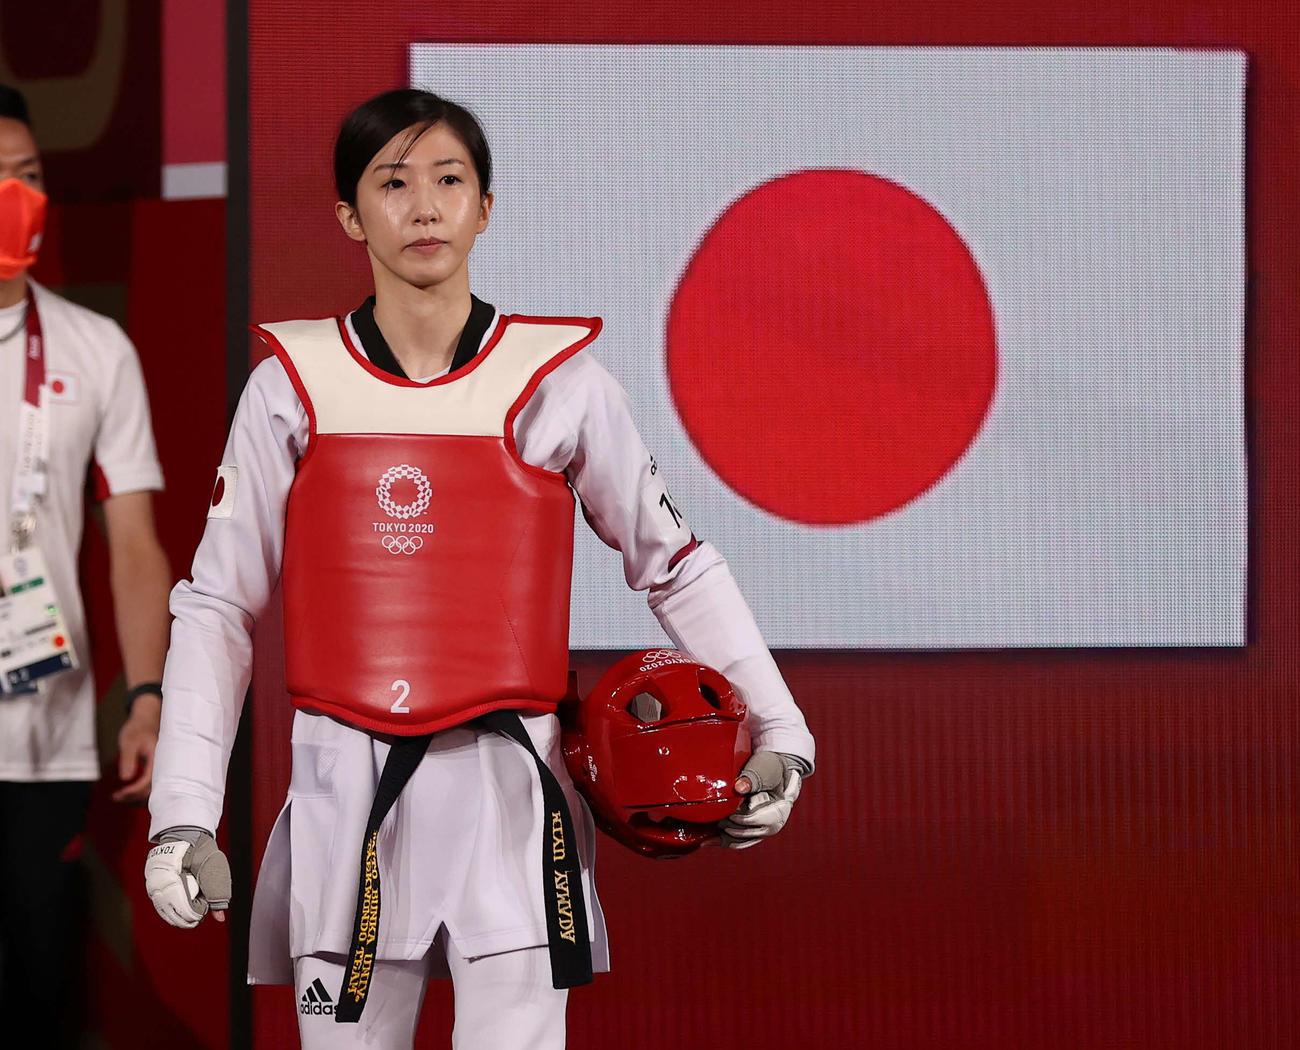 女子49キロ級3位決定戦、日の丸を背に入場する山田(撮影・河野匠)